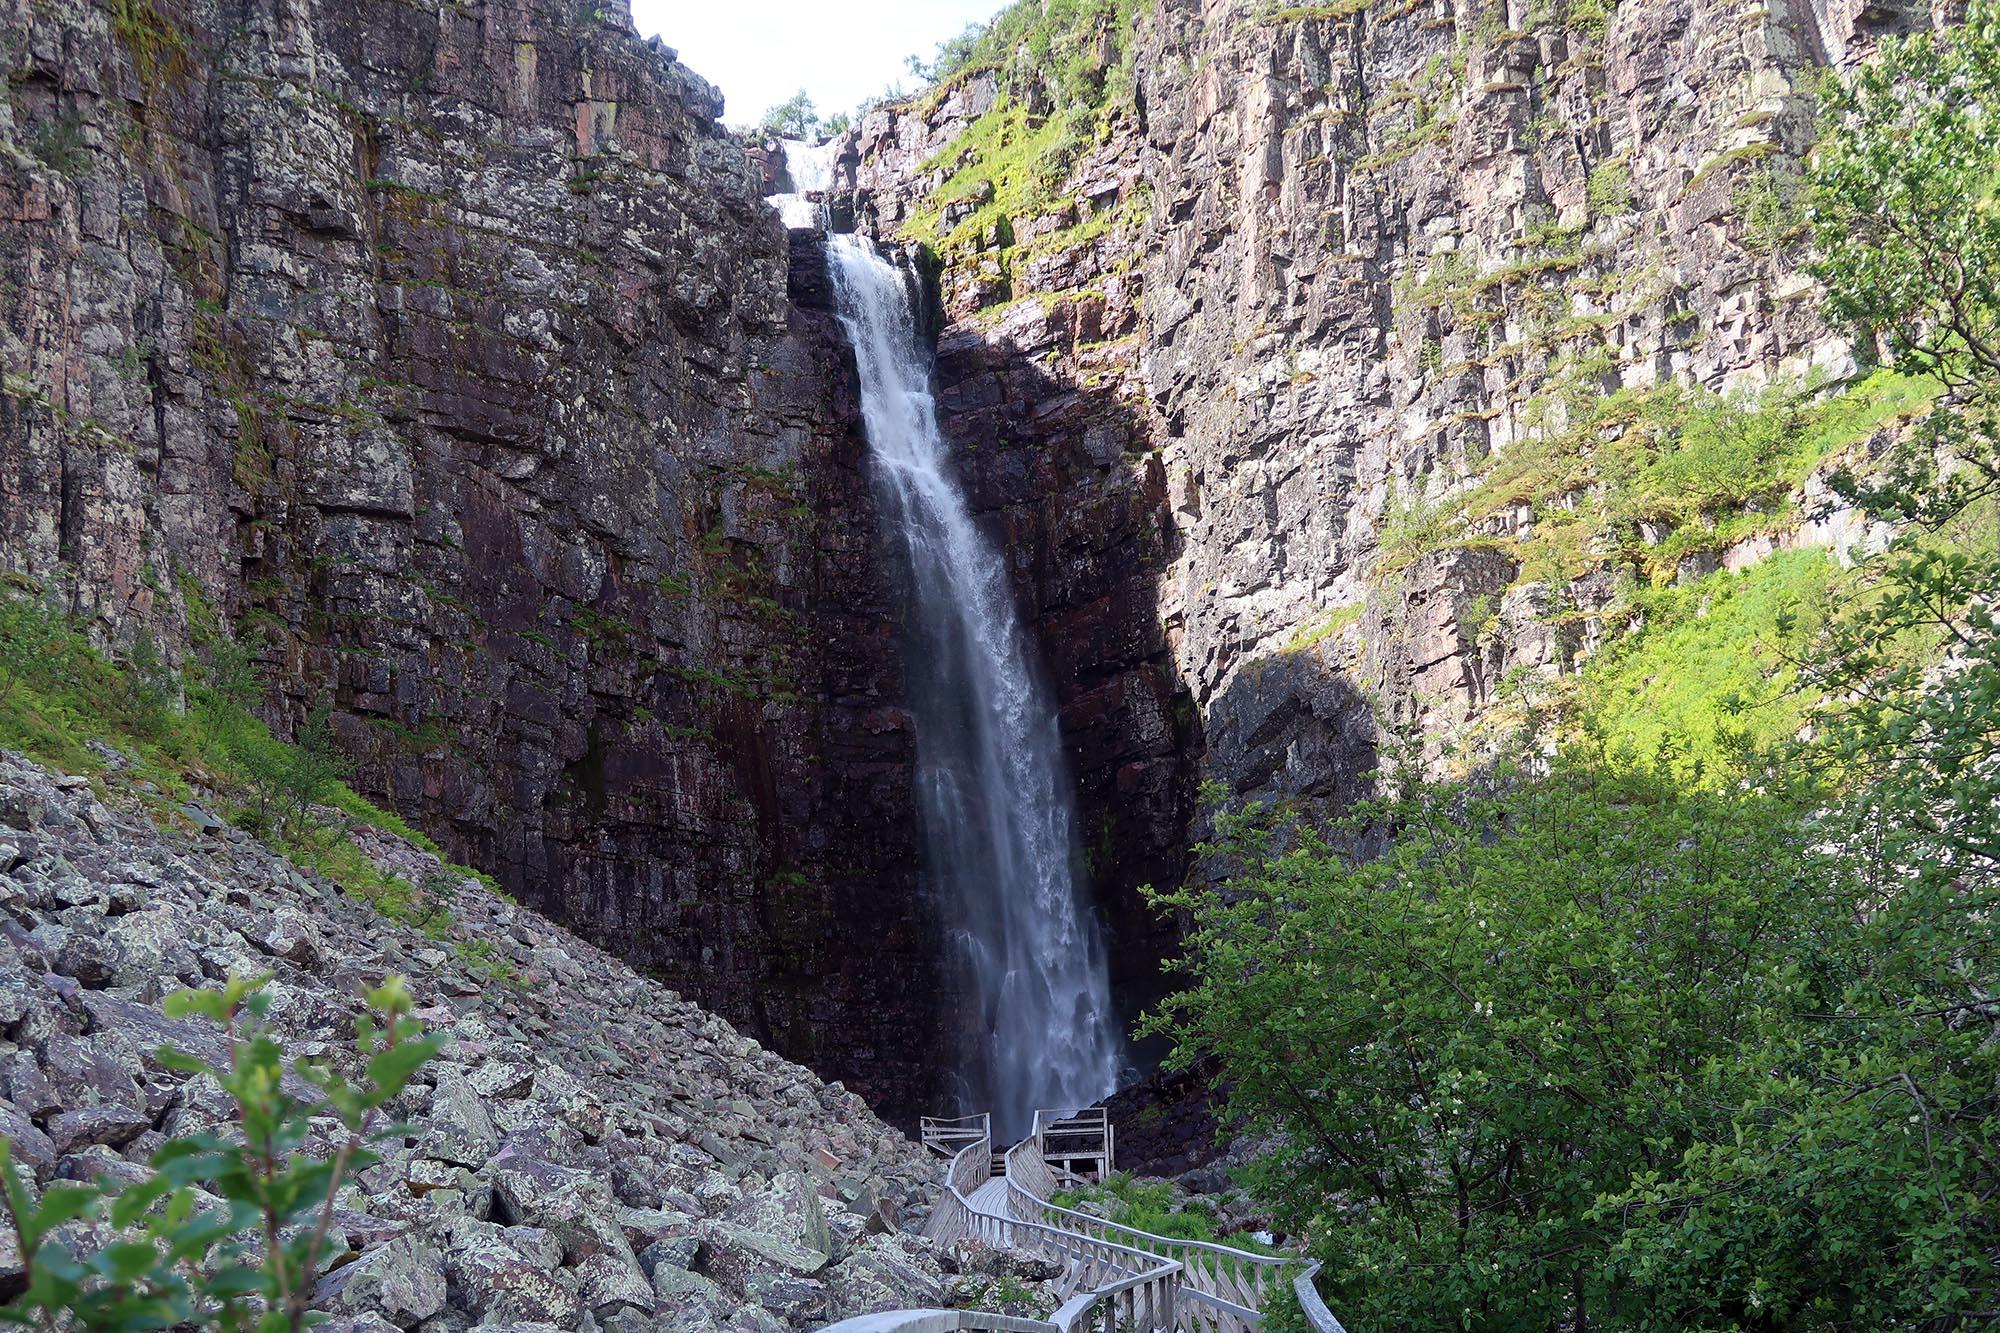 Njupeskär, Sveriges högsta vattenfall, i Fulufjällets nationalpark